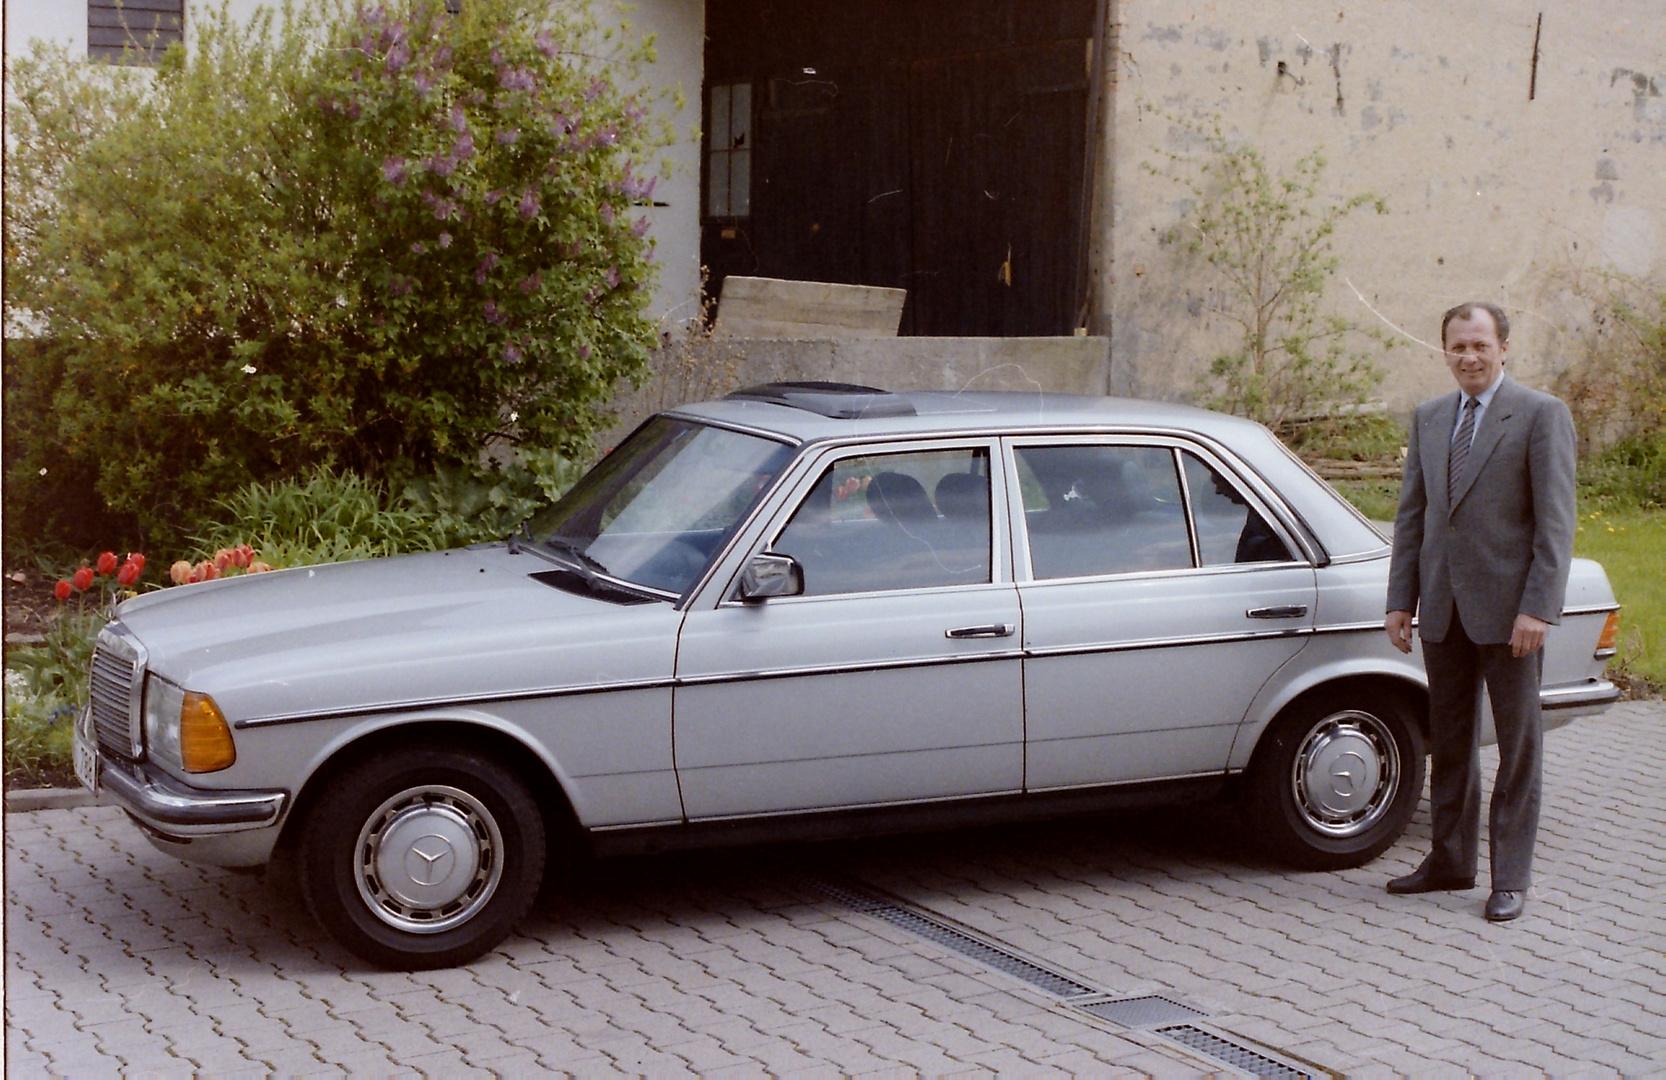 in den 80er Jahren eine repräsentative Limousine, die W 123 Reihe von Mercedes